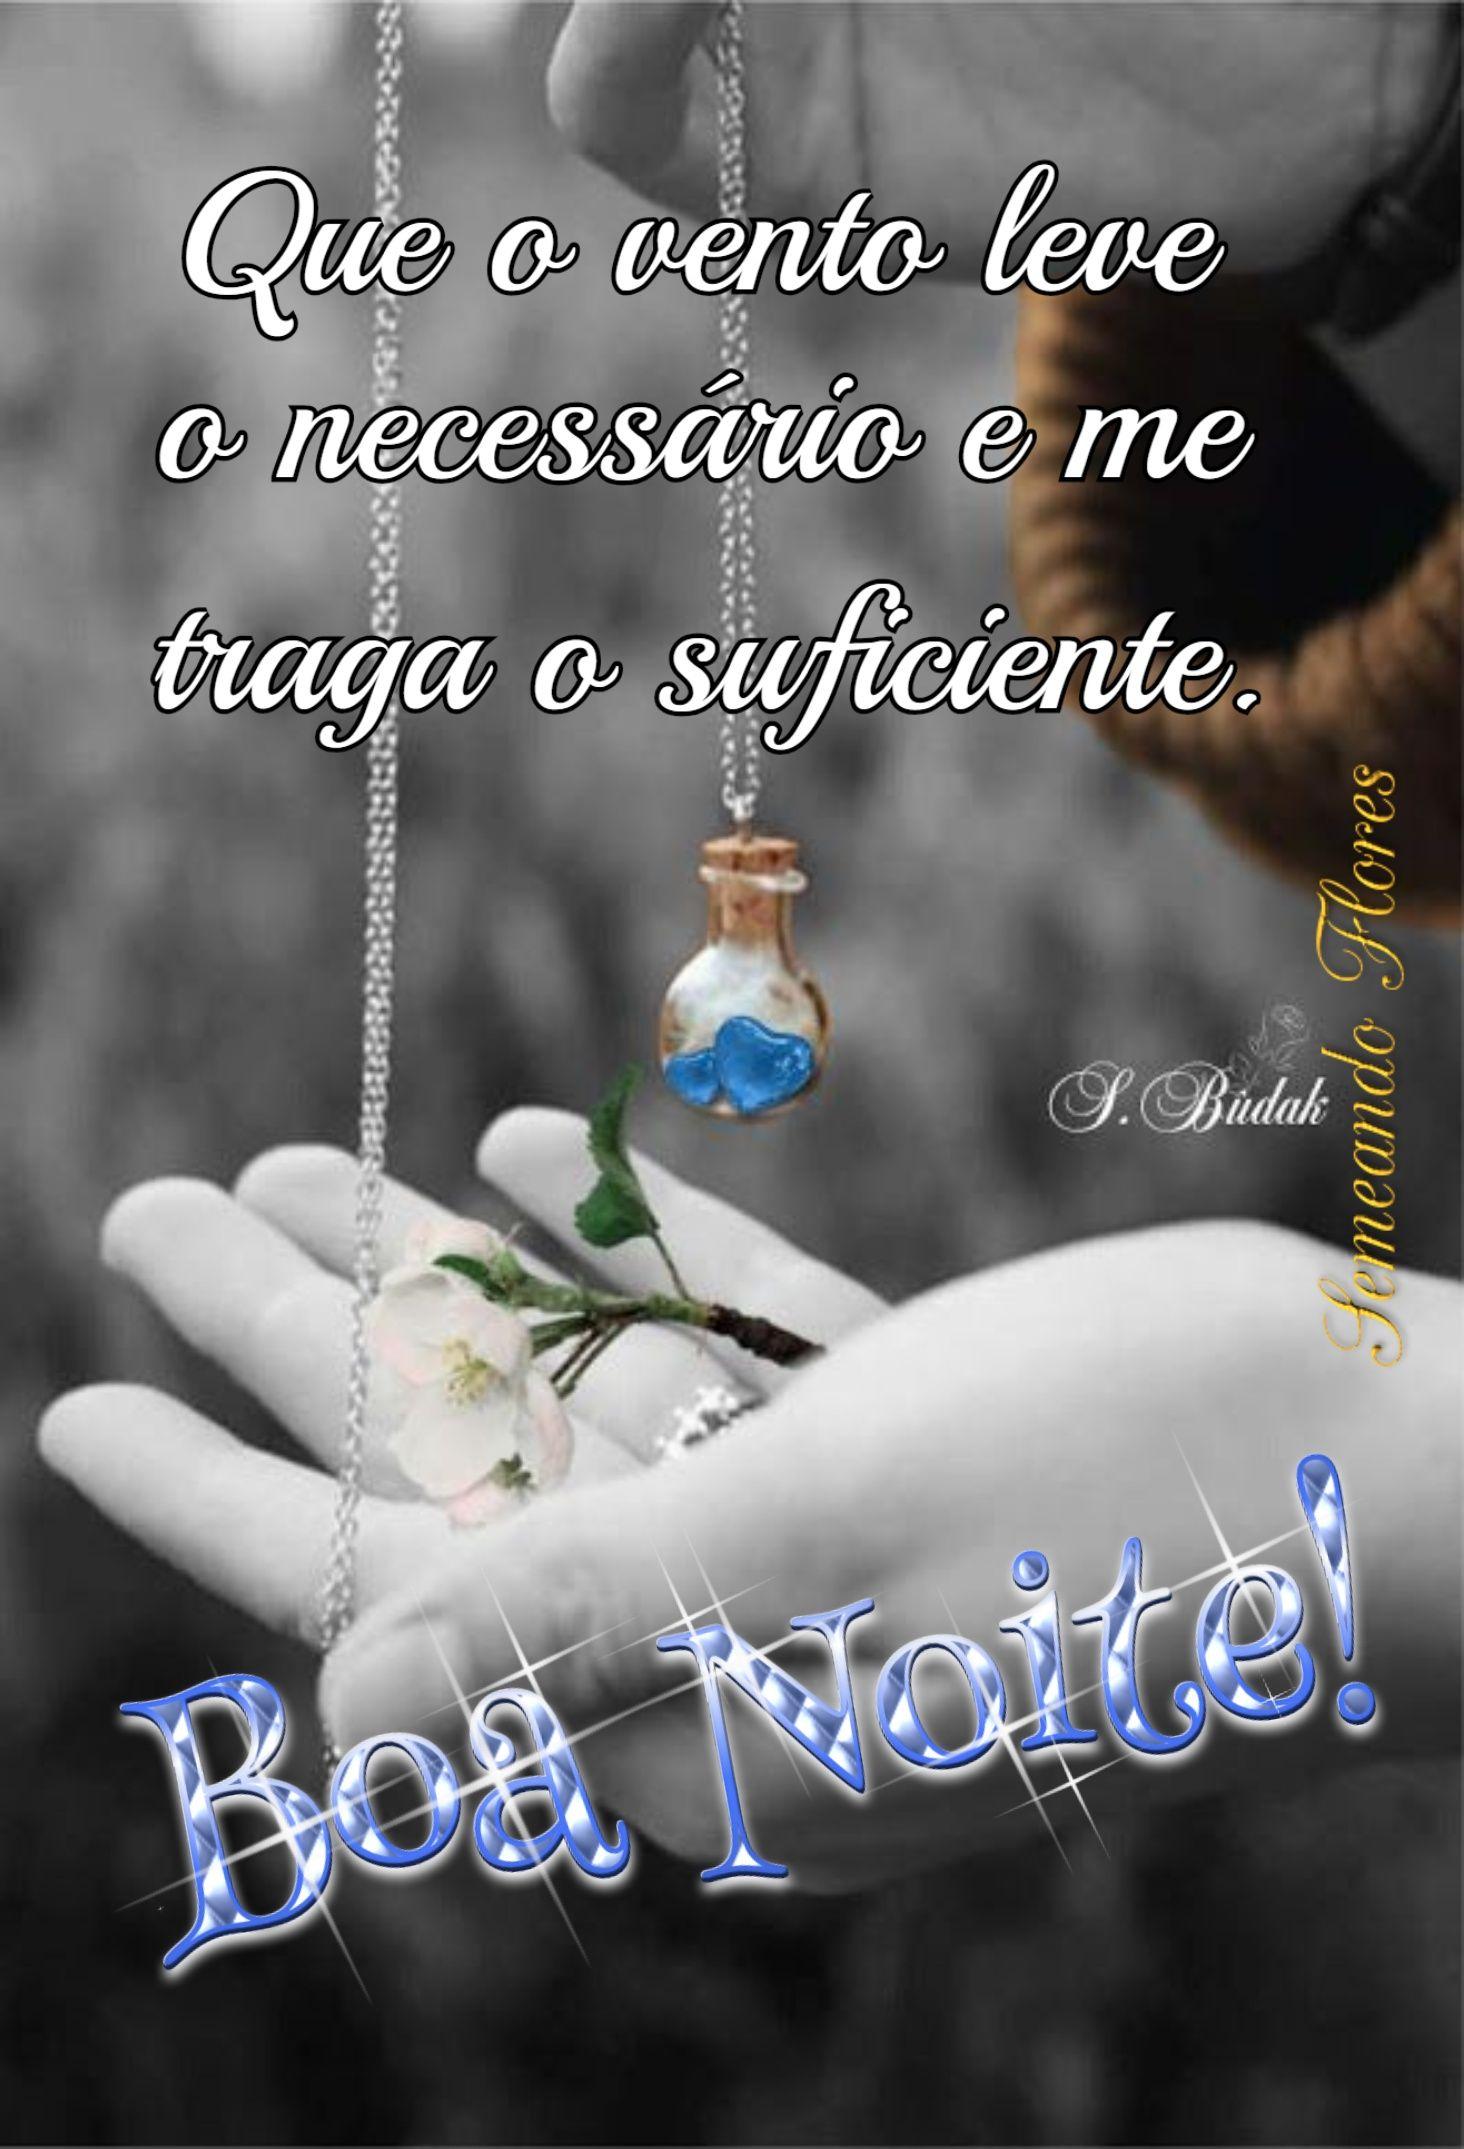 Pin De Roberta Lopes Em Bom Dia Com Imagens Boa Noite Especial